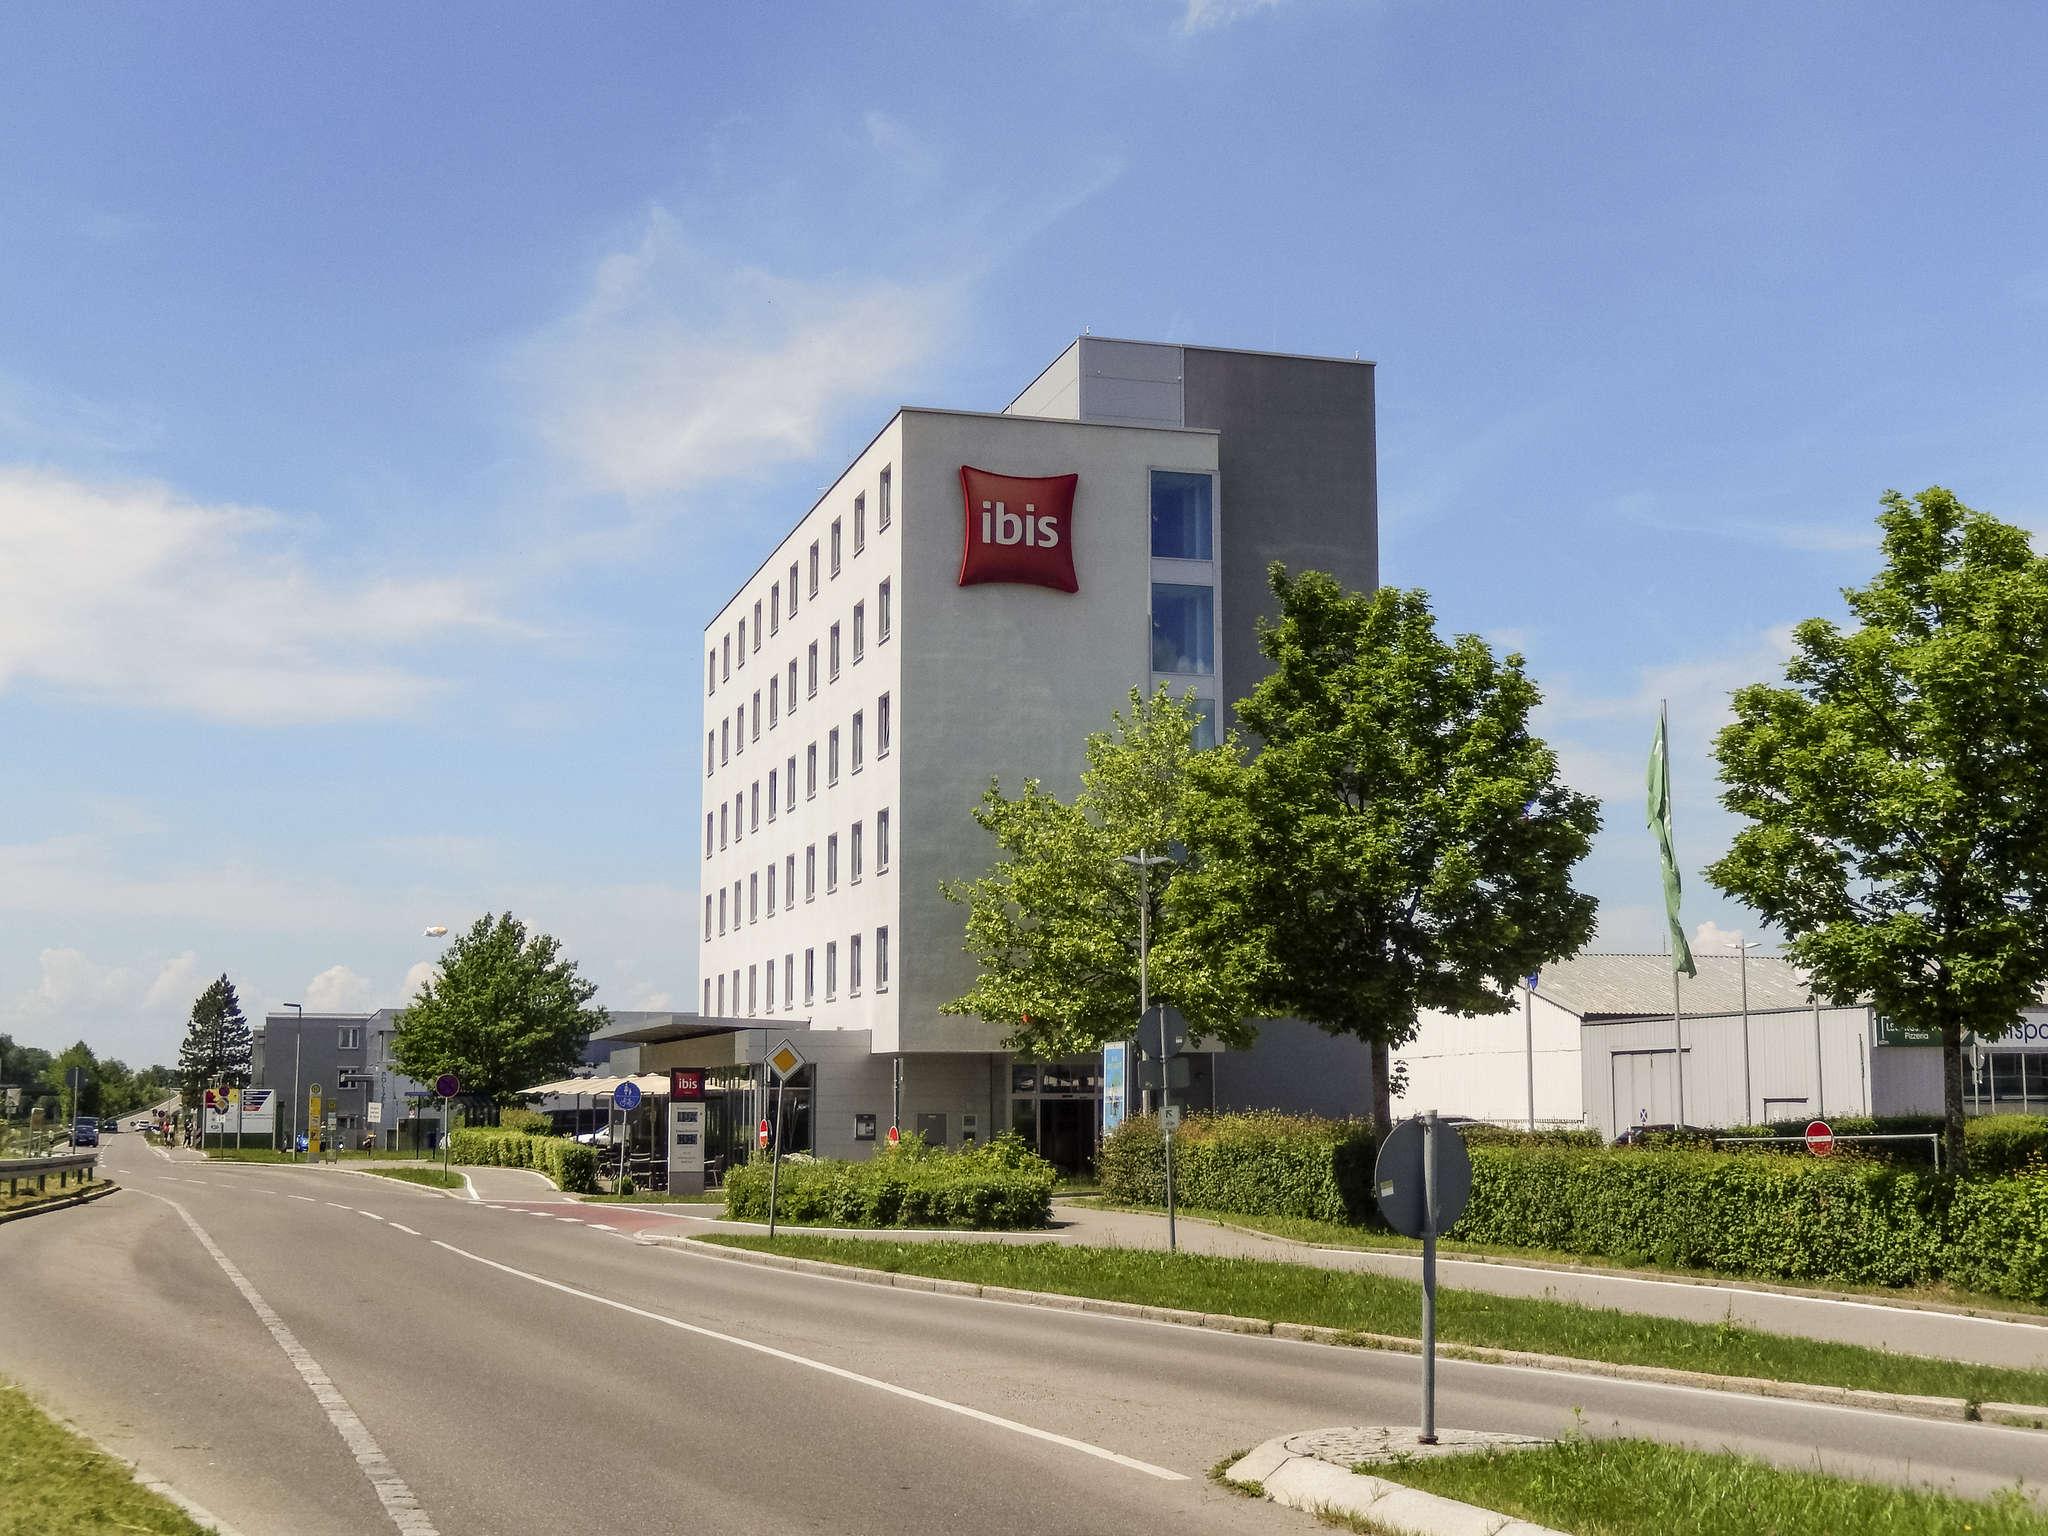 hotel ibis friedrichshafen airport messe book now wifi. Black Bedroom Furniture Sets. Home Design Ideas